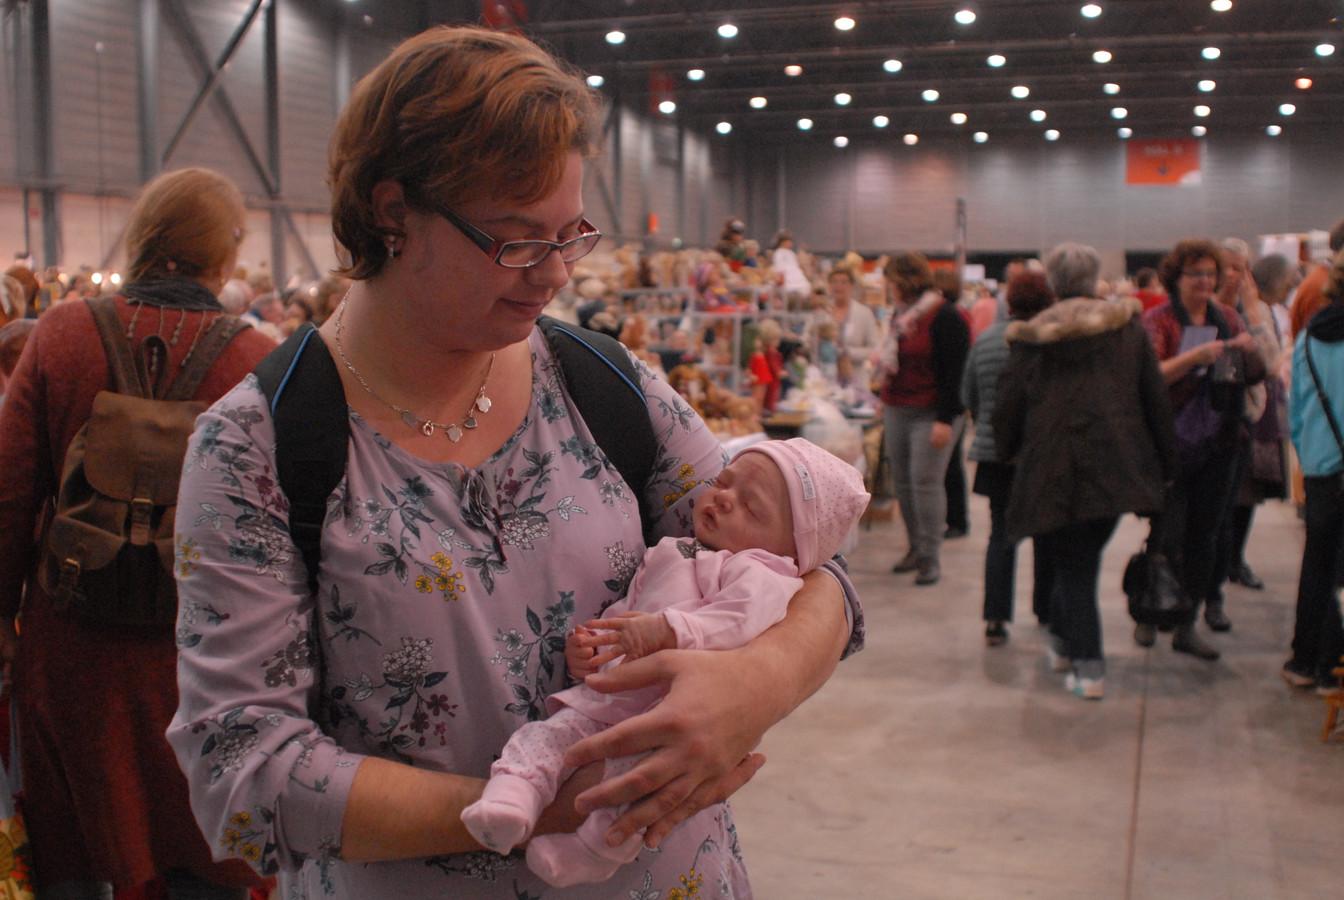 Slaap Kindje Slaap Daar Buiten Loopt.In Den Bosch Te Bewonderen Baby Julietta Heeft Geen Bloed In Haar